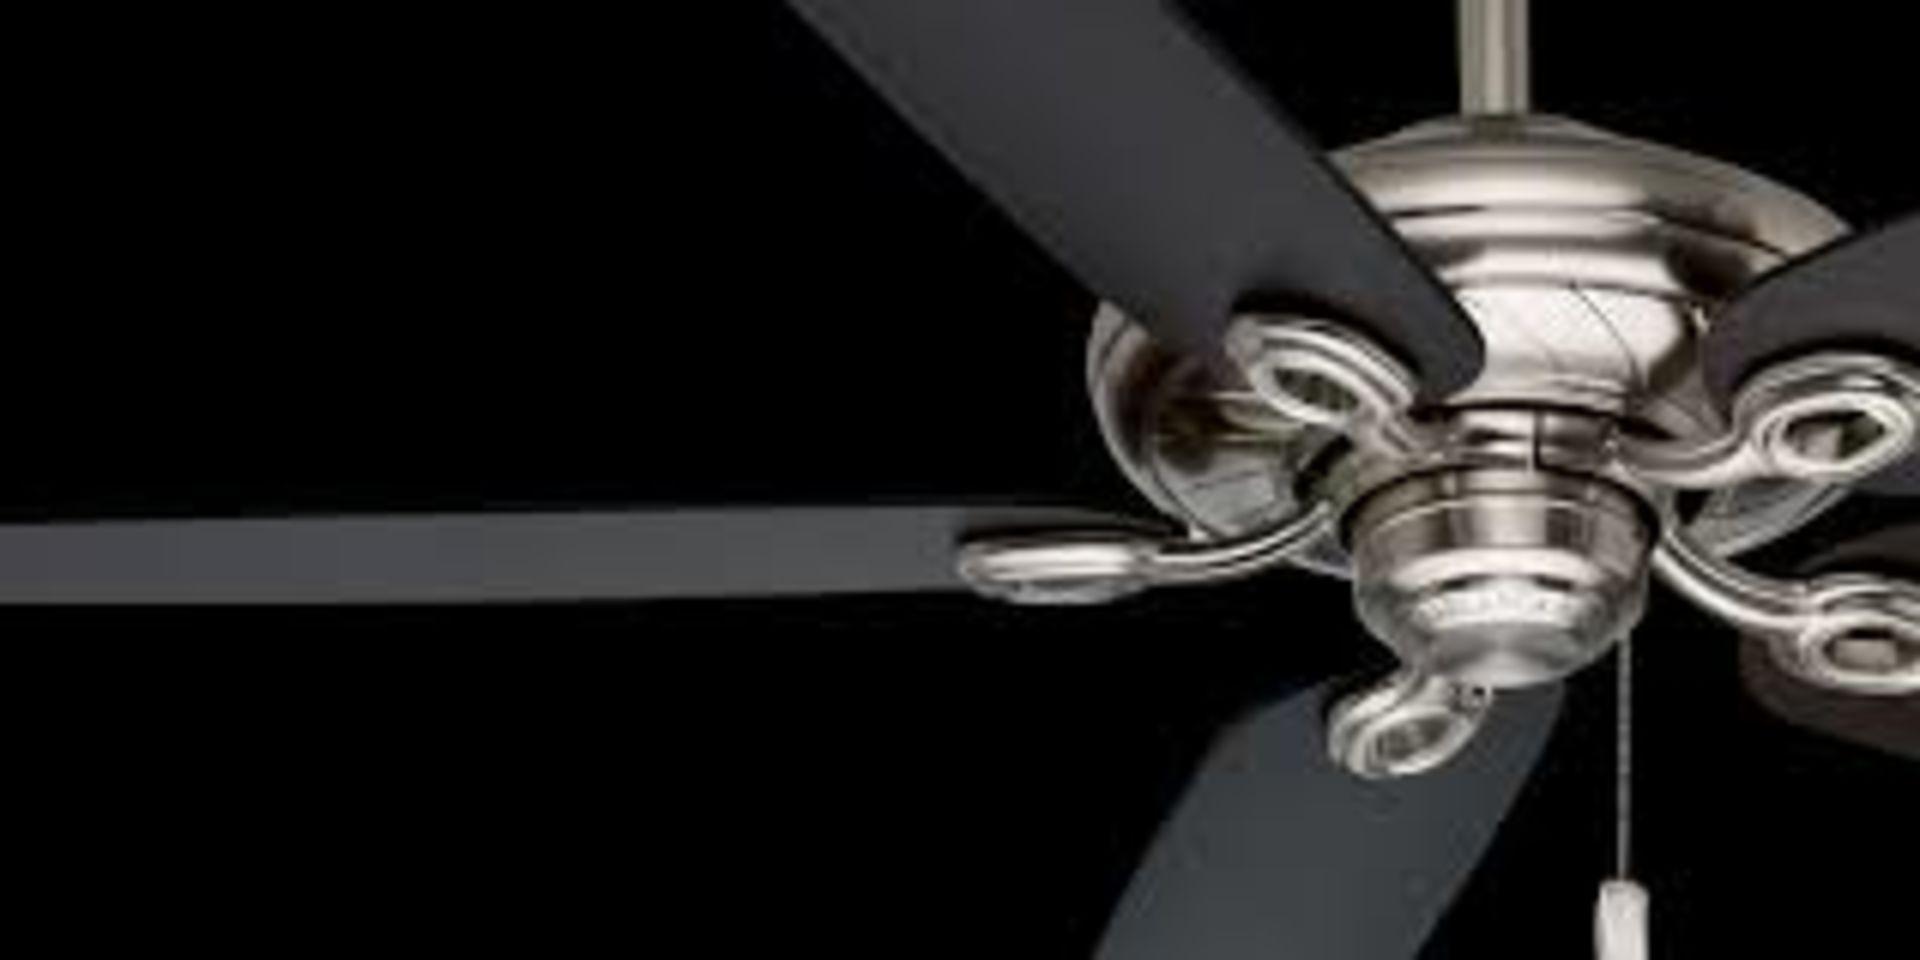 Ceiling Fan Tip!